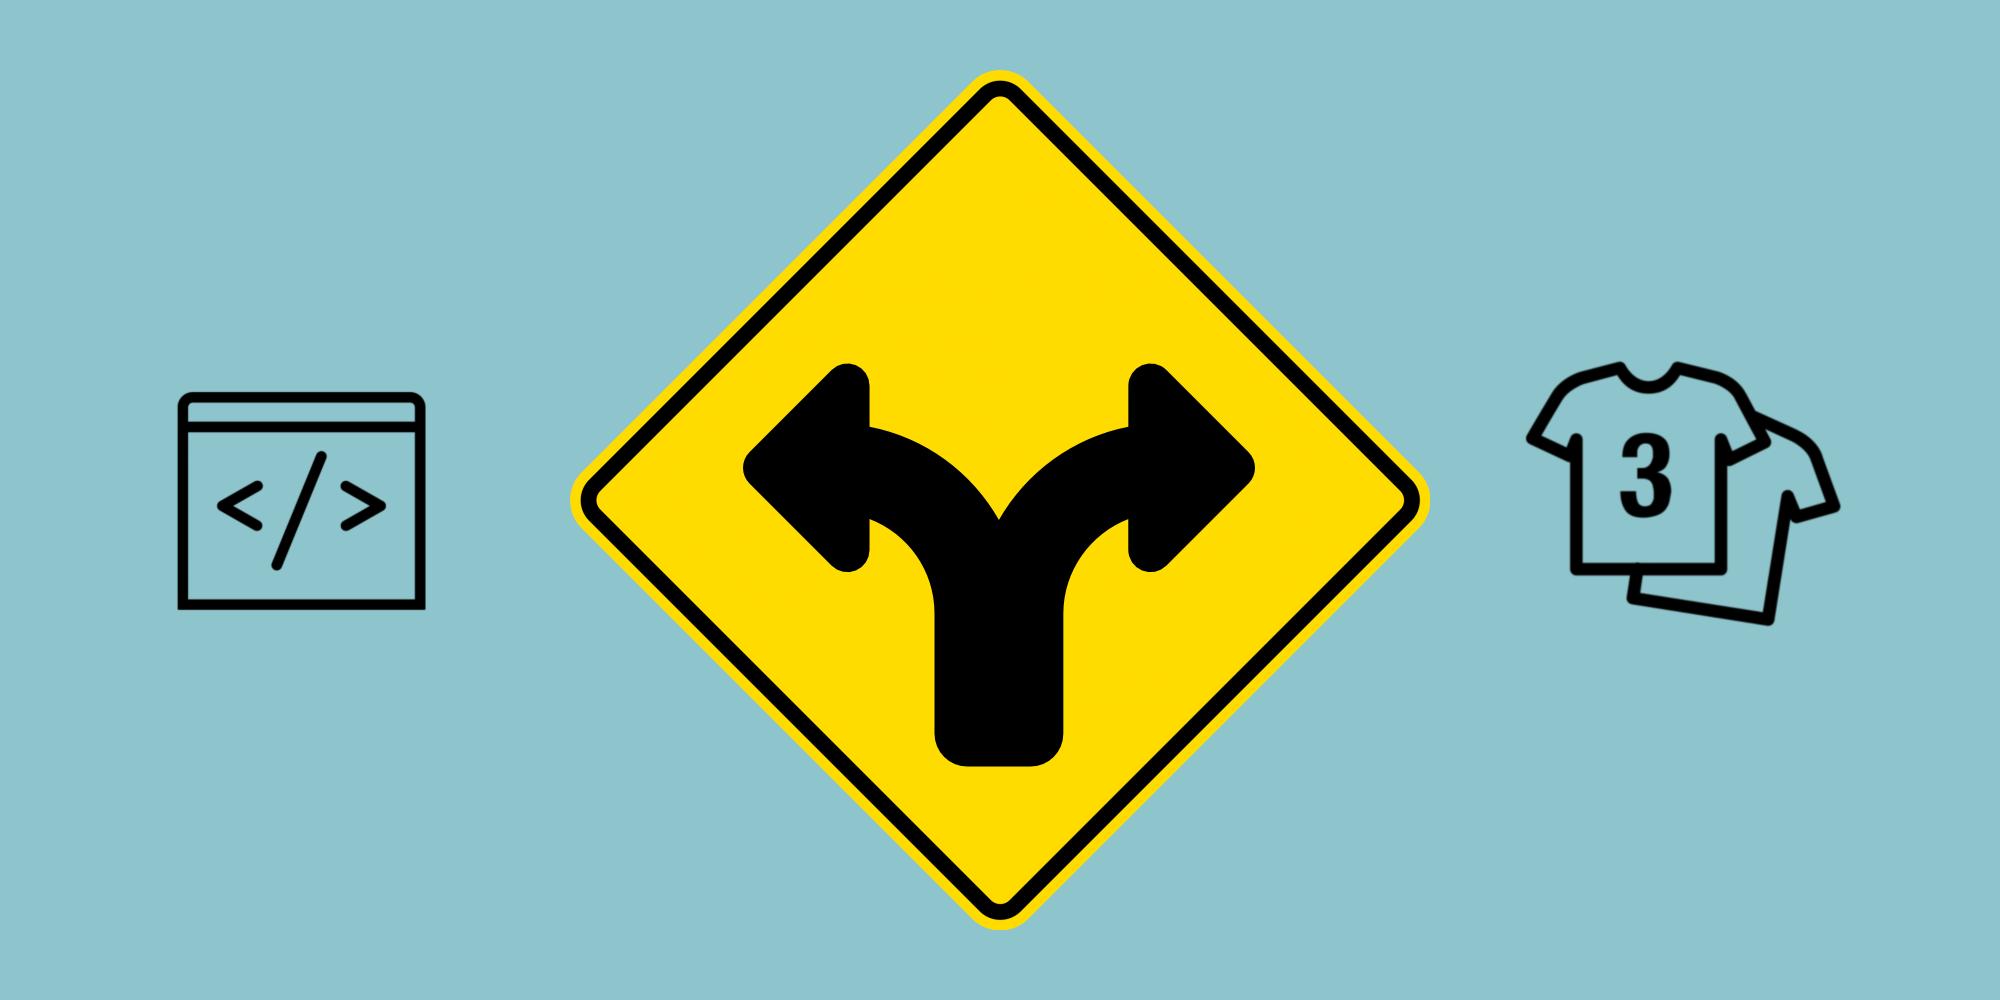 👨💼 Сеньор или тимлид: как выбрать правильный путь, оказавшись на развилке?